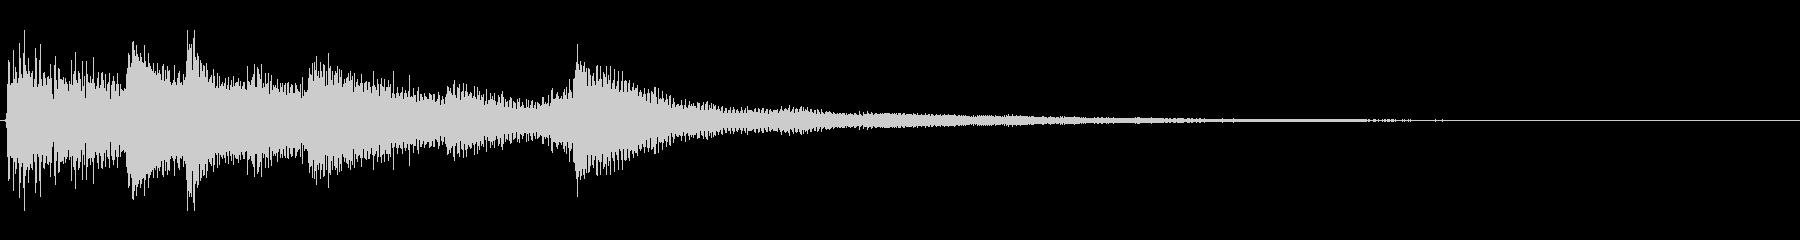 ピアノジングル03_dの未再生の波形